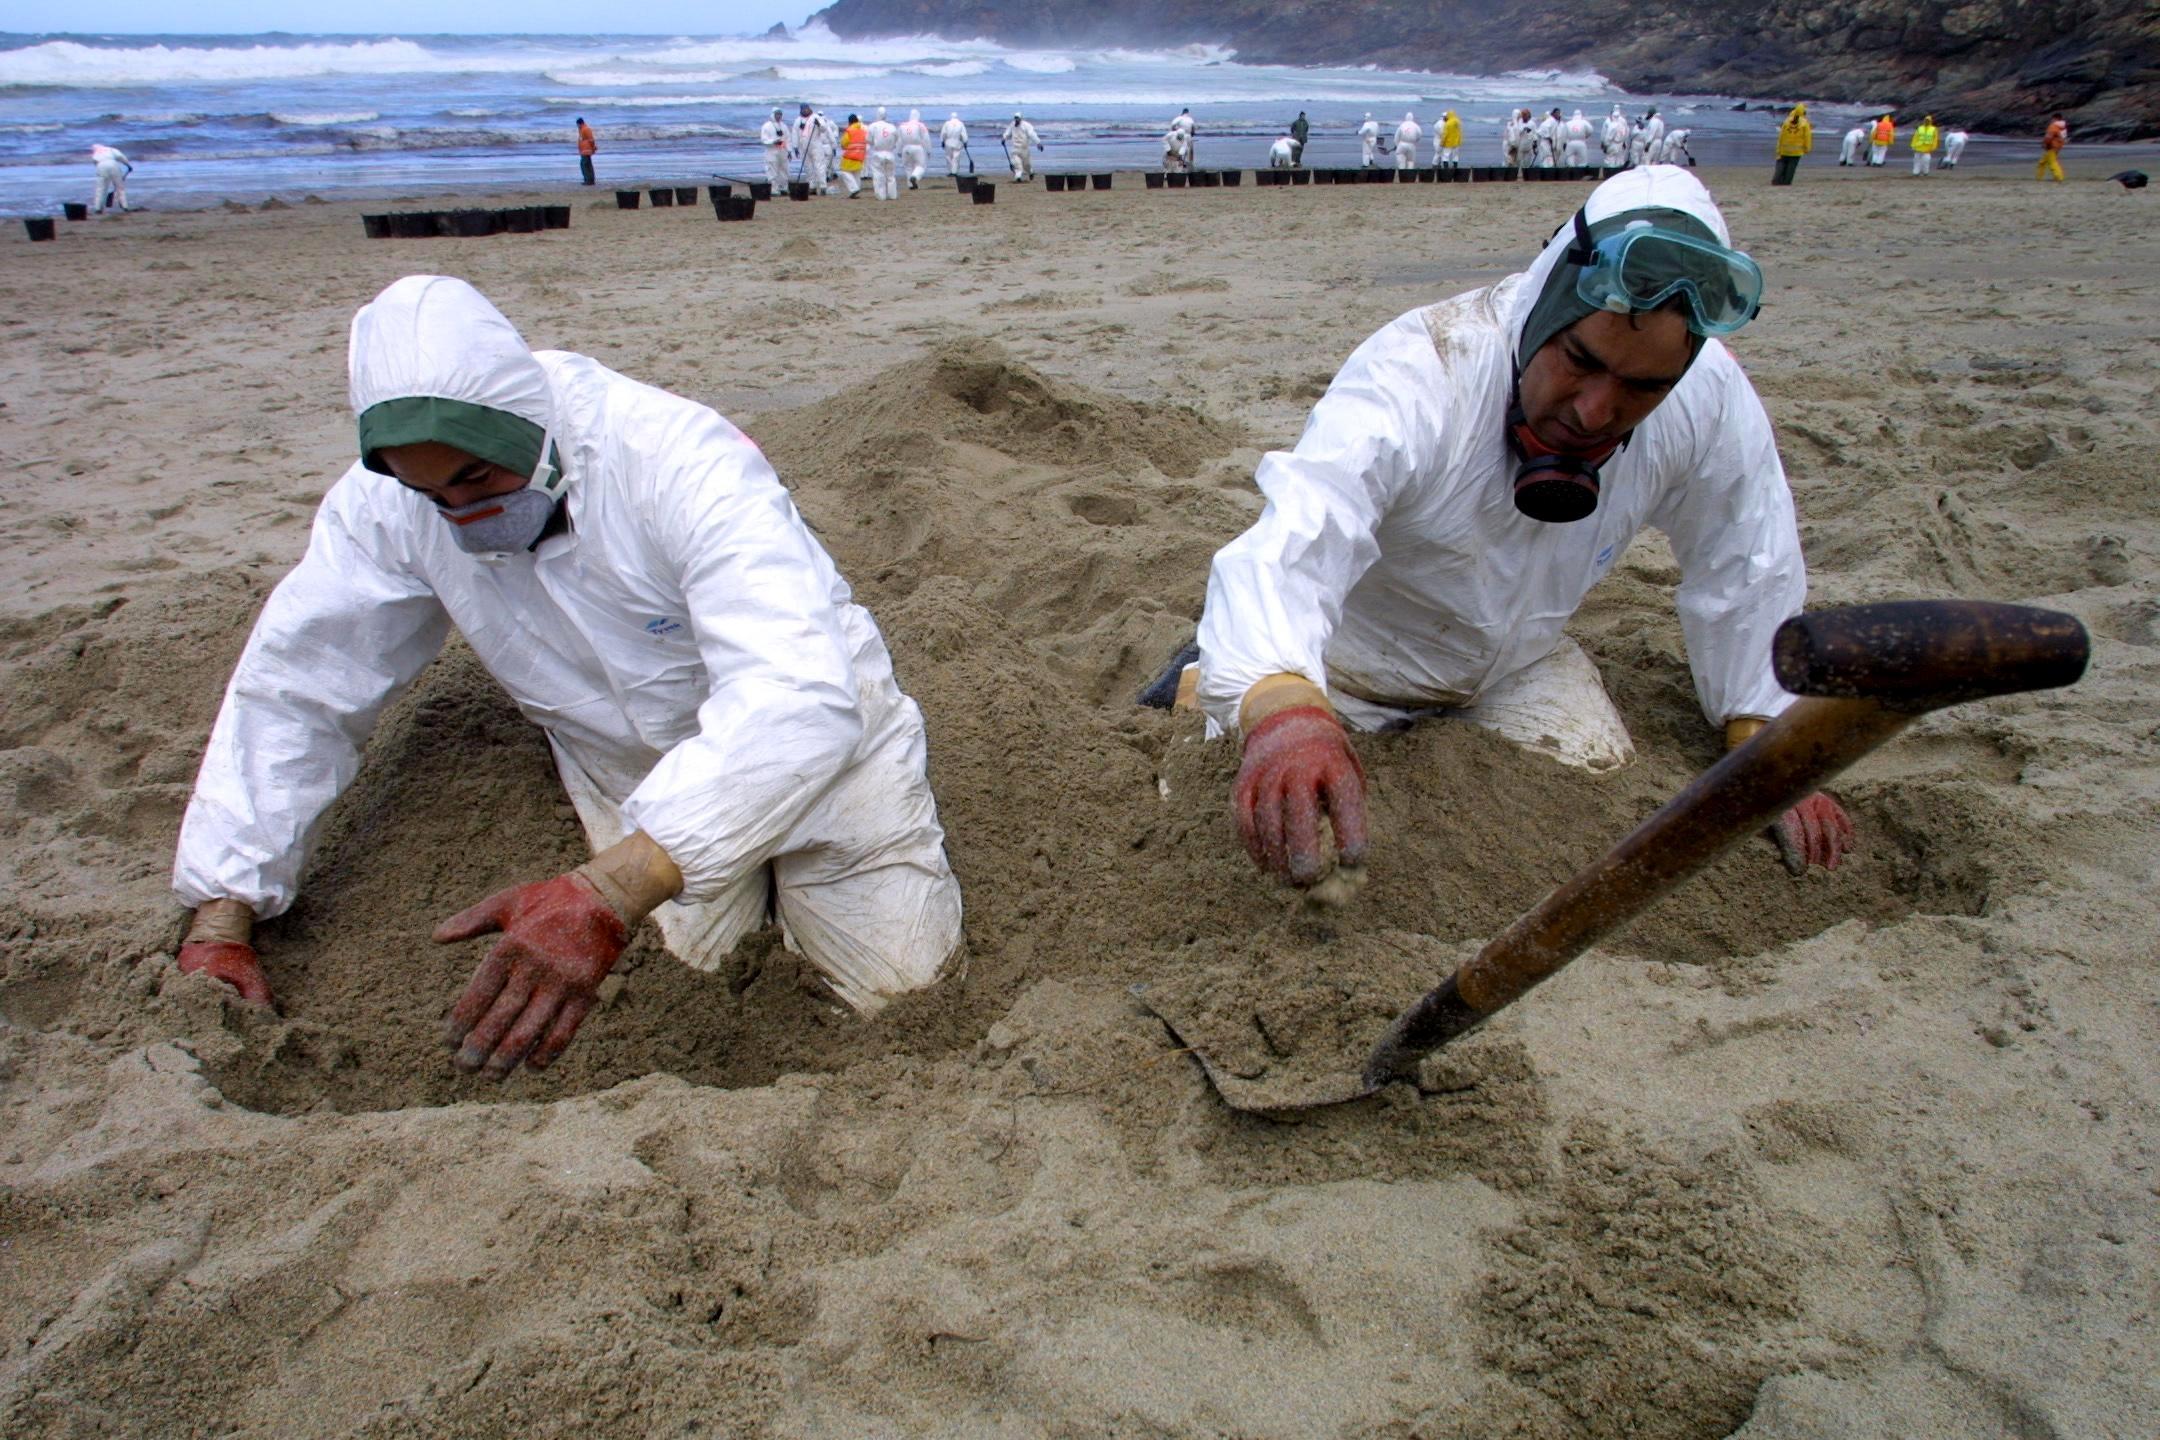 Es necesario emplear los dedos de las manos para separar la paja del trigo <br>José Manuel Casal